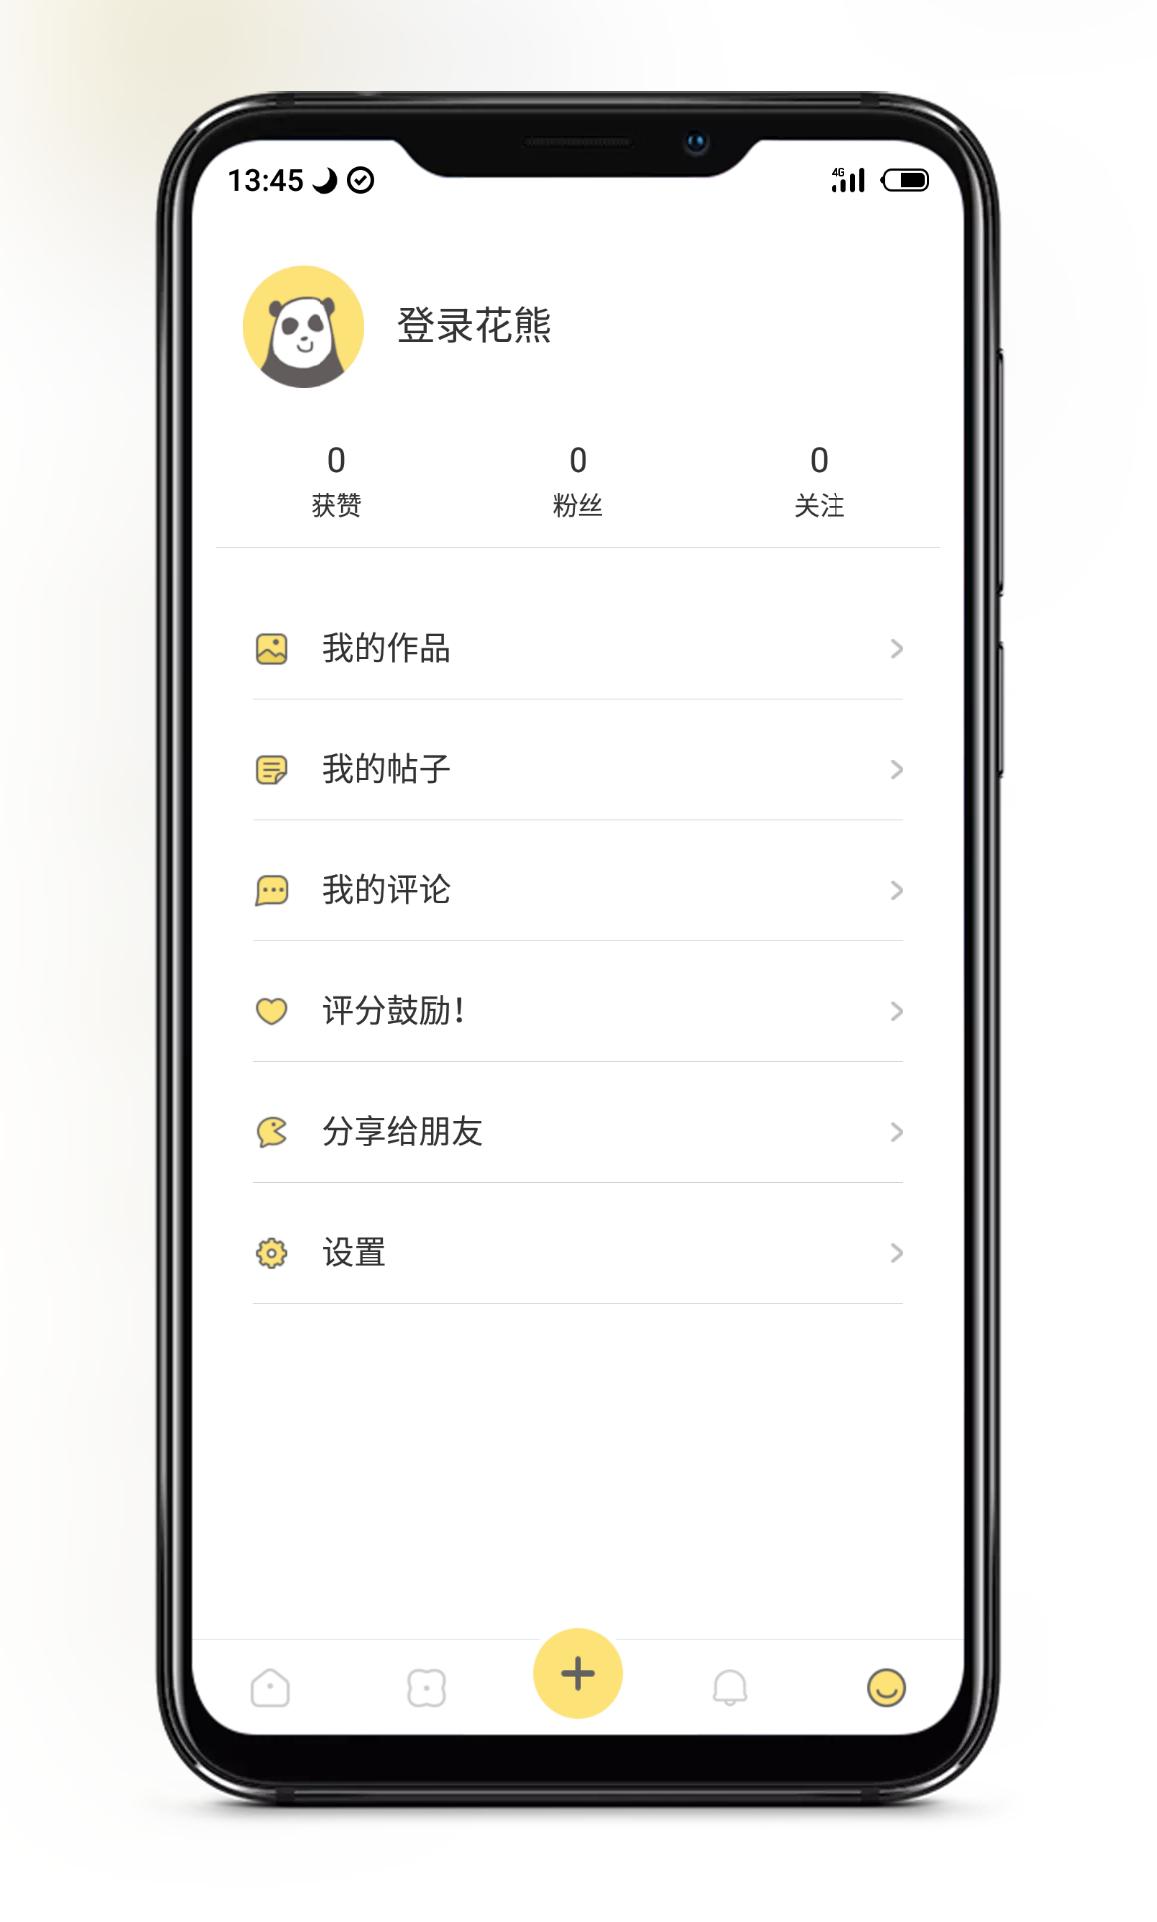 【考核】花熊斗图神器v4.0.11破解版-爱小助